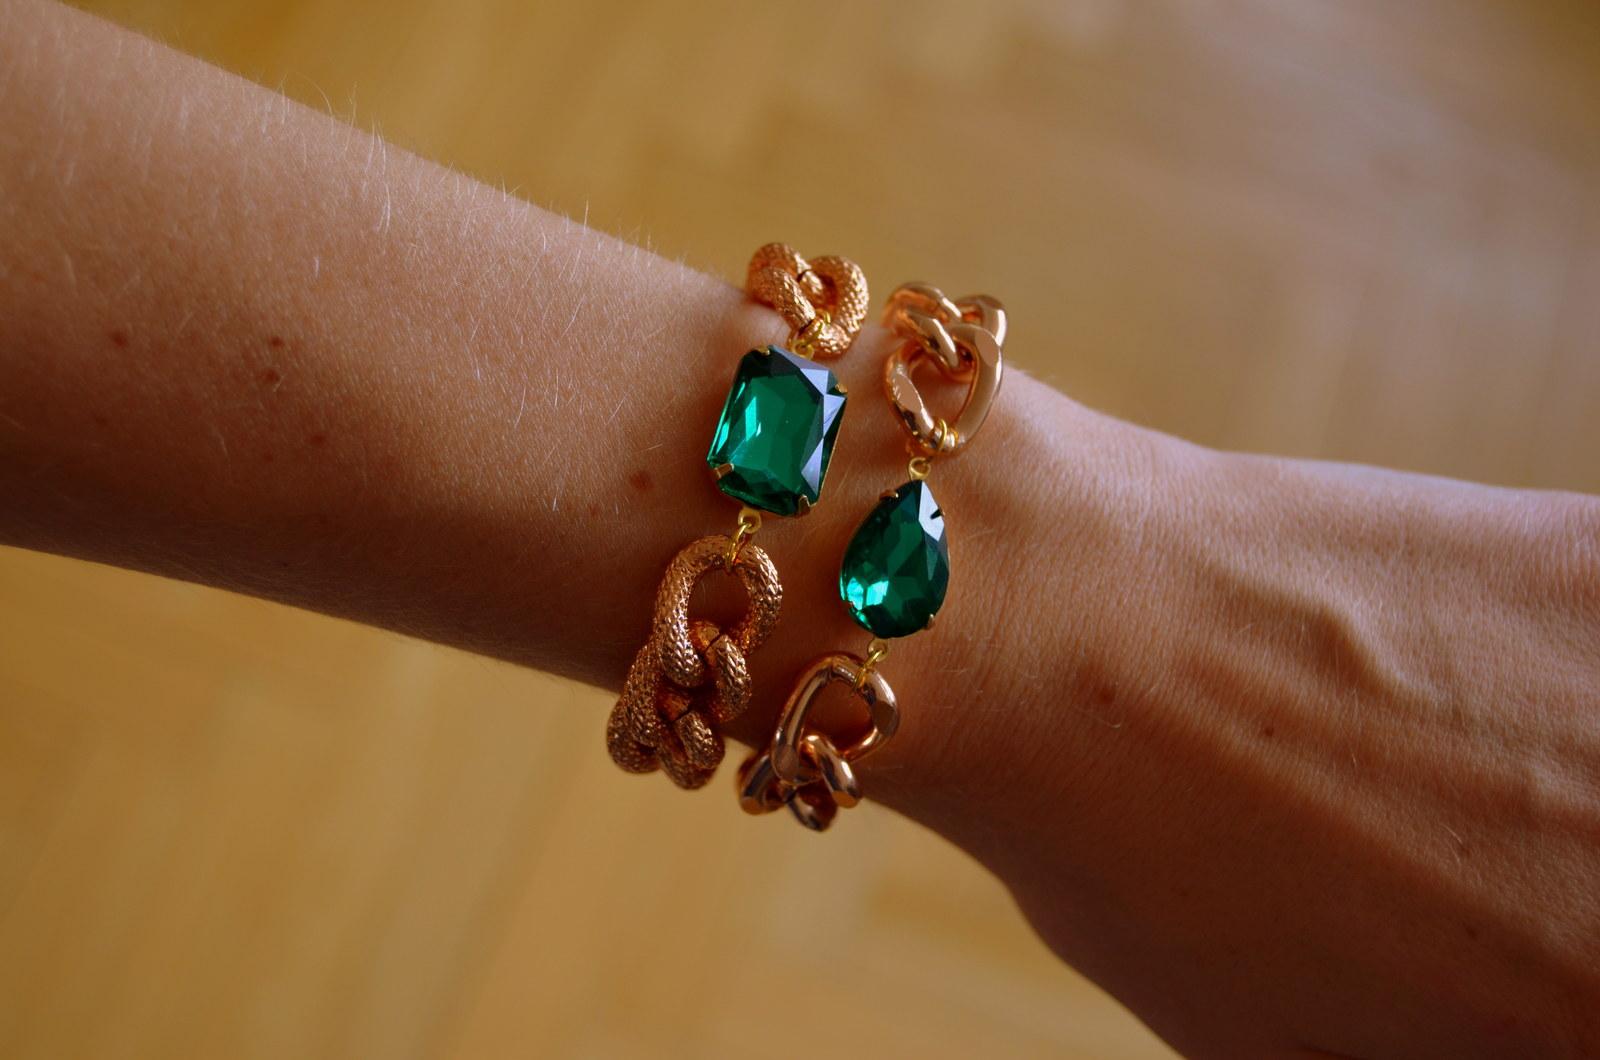 Náramek ROSE GOLD + smaragd   Zboží prodejce GemsOver  ac517b23875